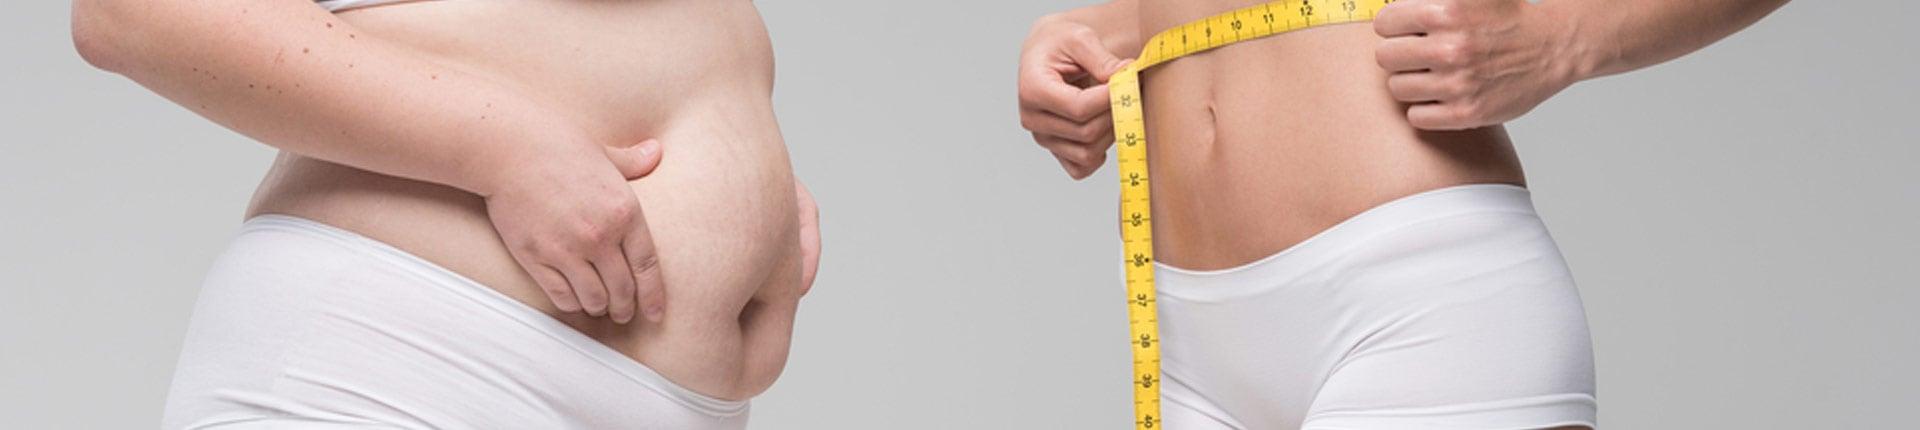 Liposukcja czy ominięcie żołądkowo jelitowe, a może hormon wzrostu lub Adipex - co lepsze?